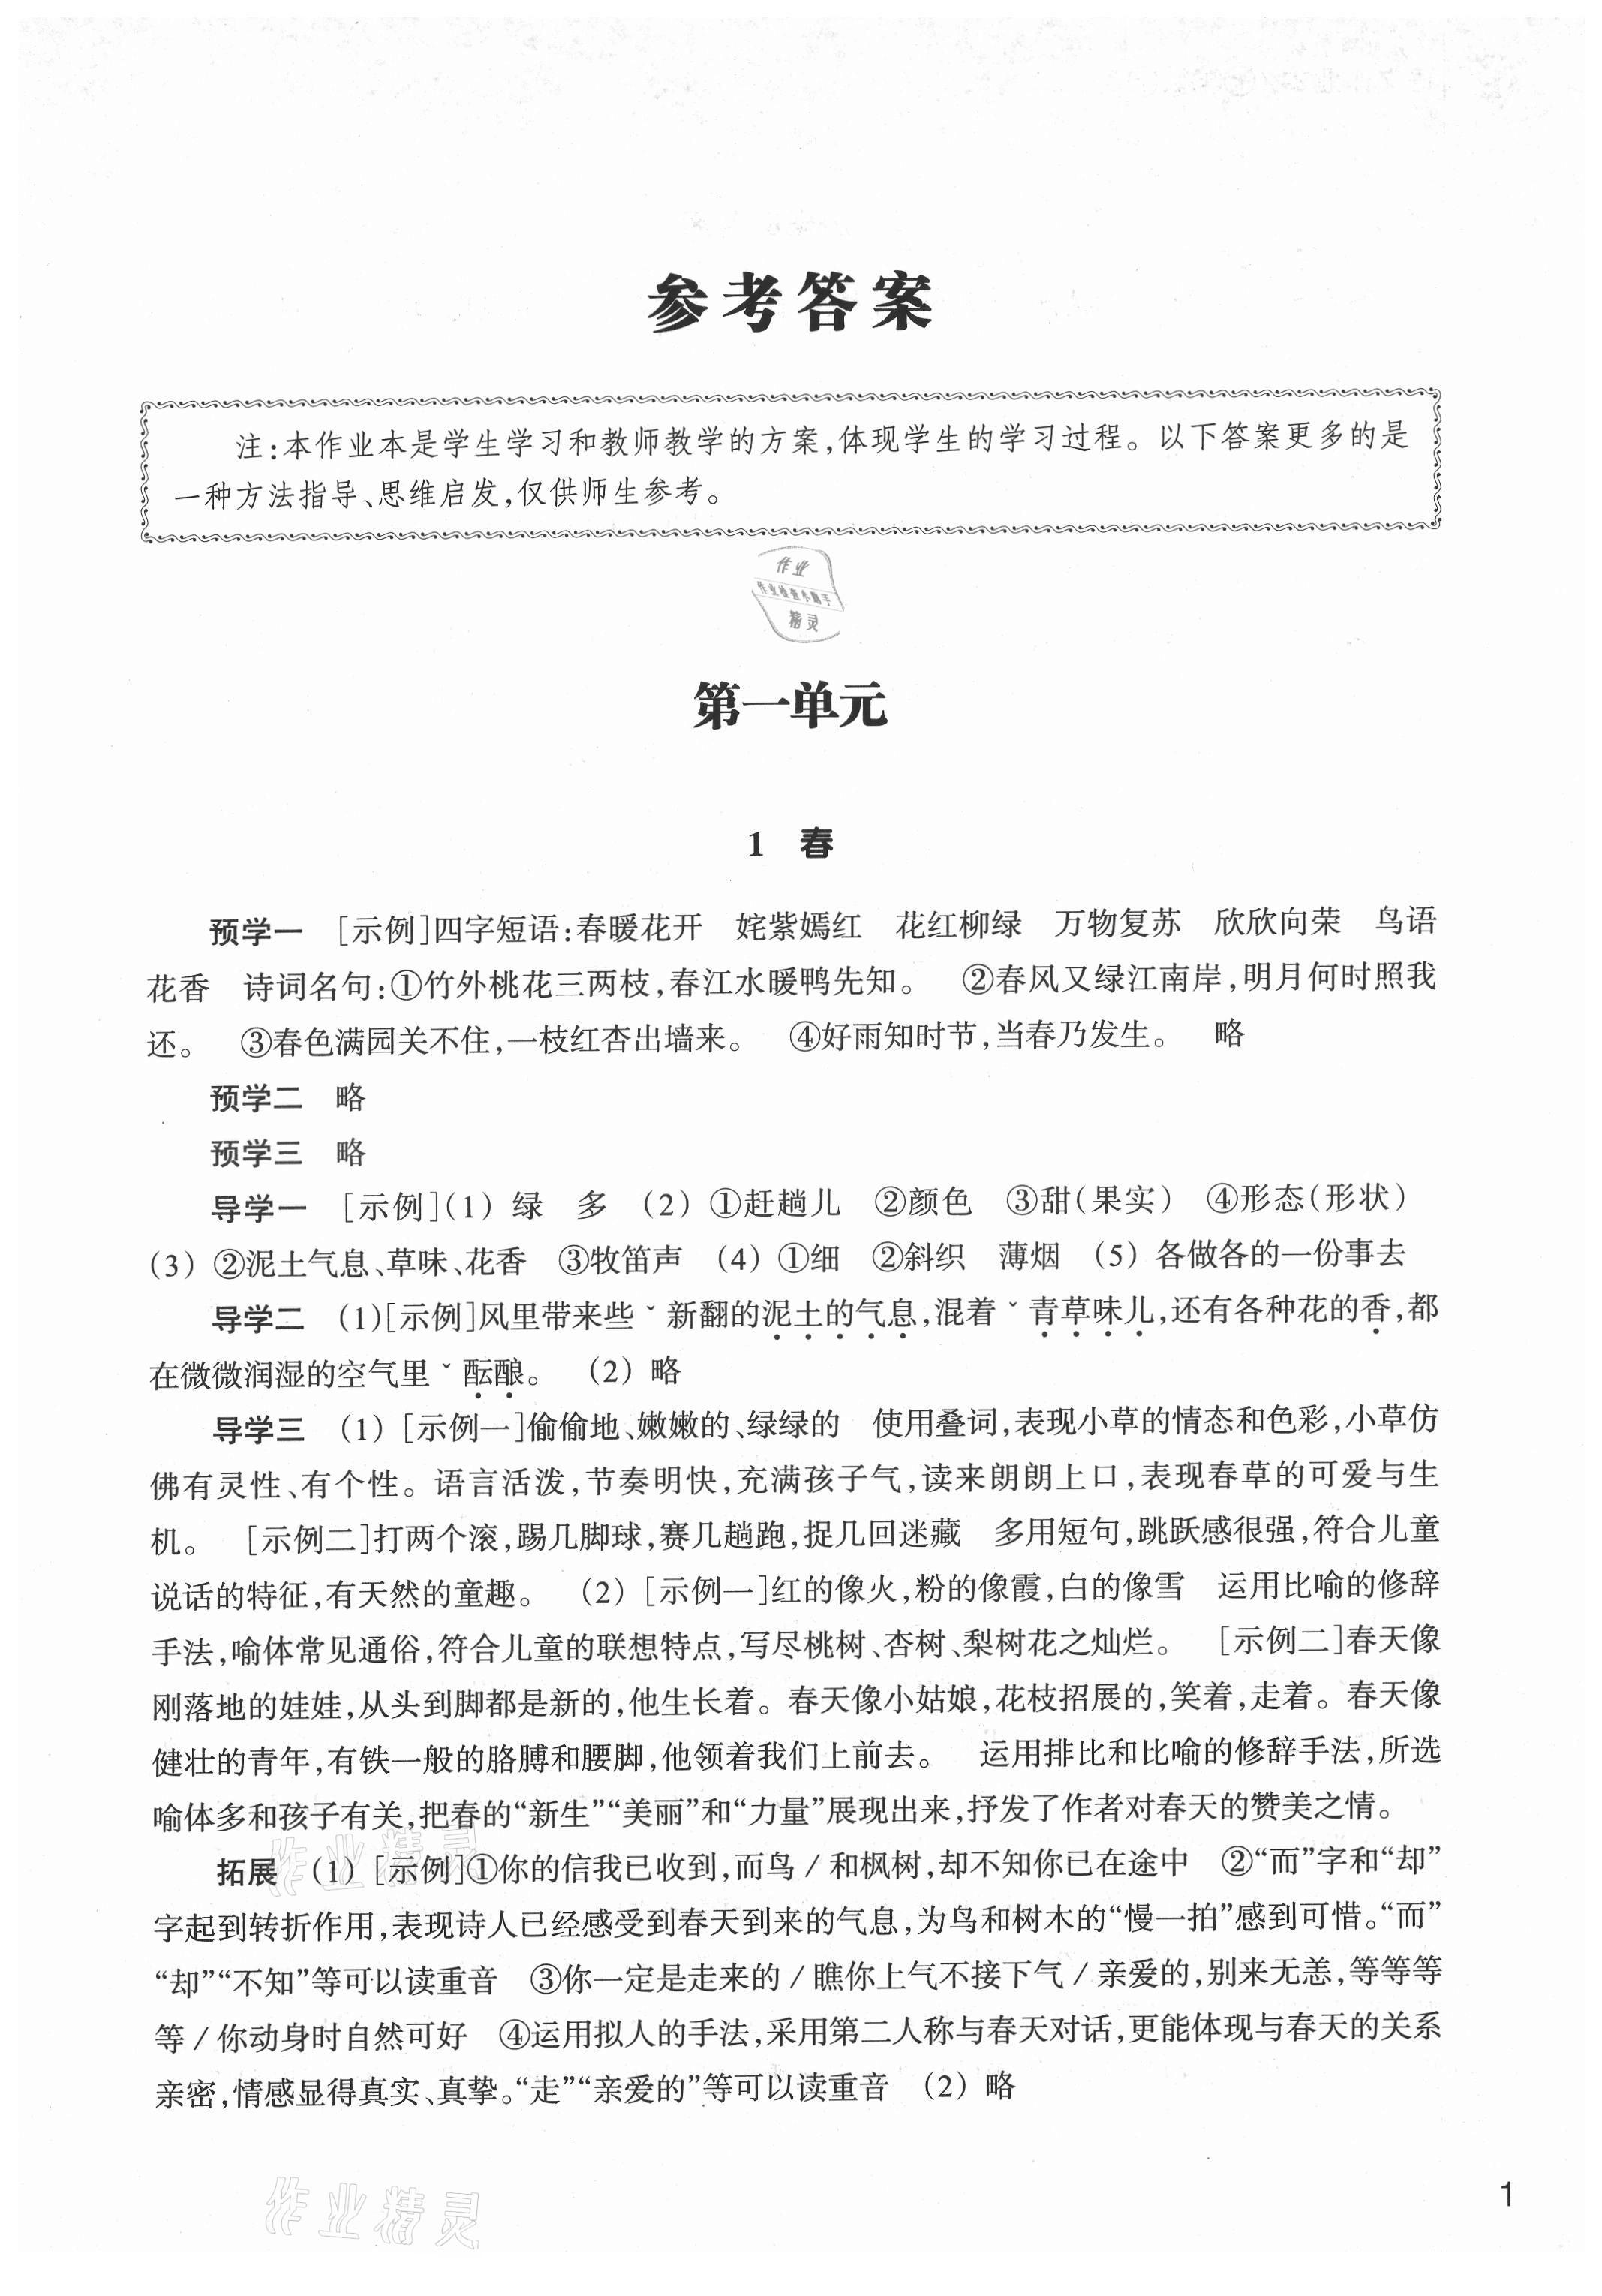 2021年作業本浙江教育出版社七年級語文上冊人教版第1頁